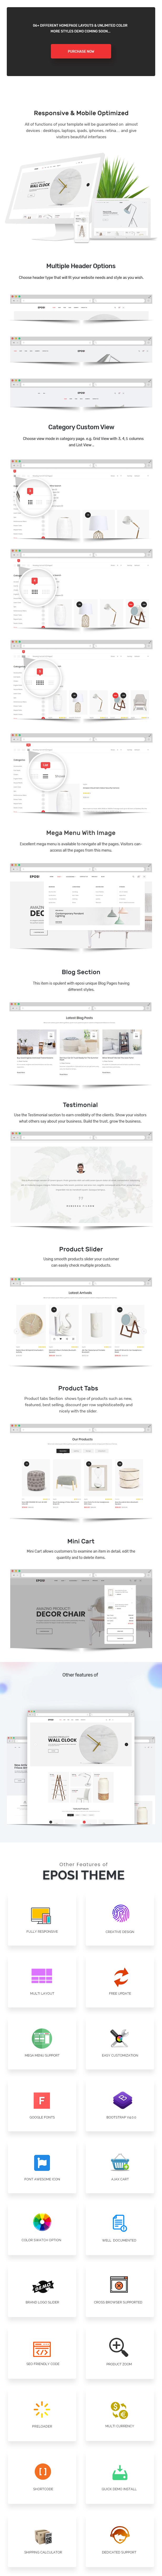 Eposi - Furniture Store Shopify Theme - 4